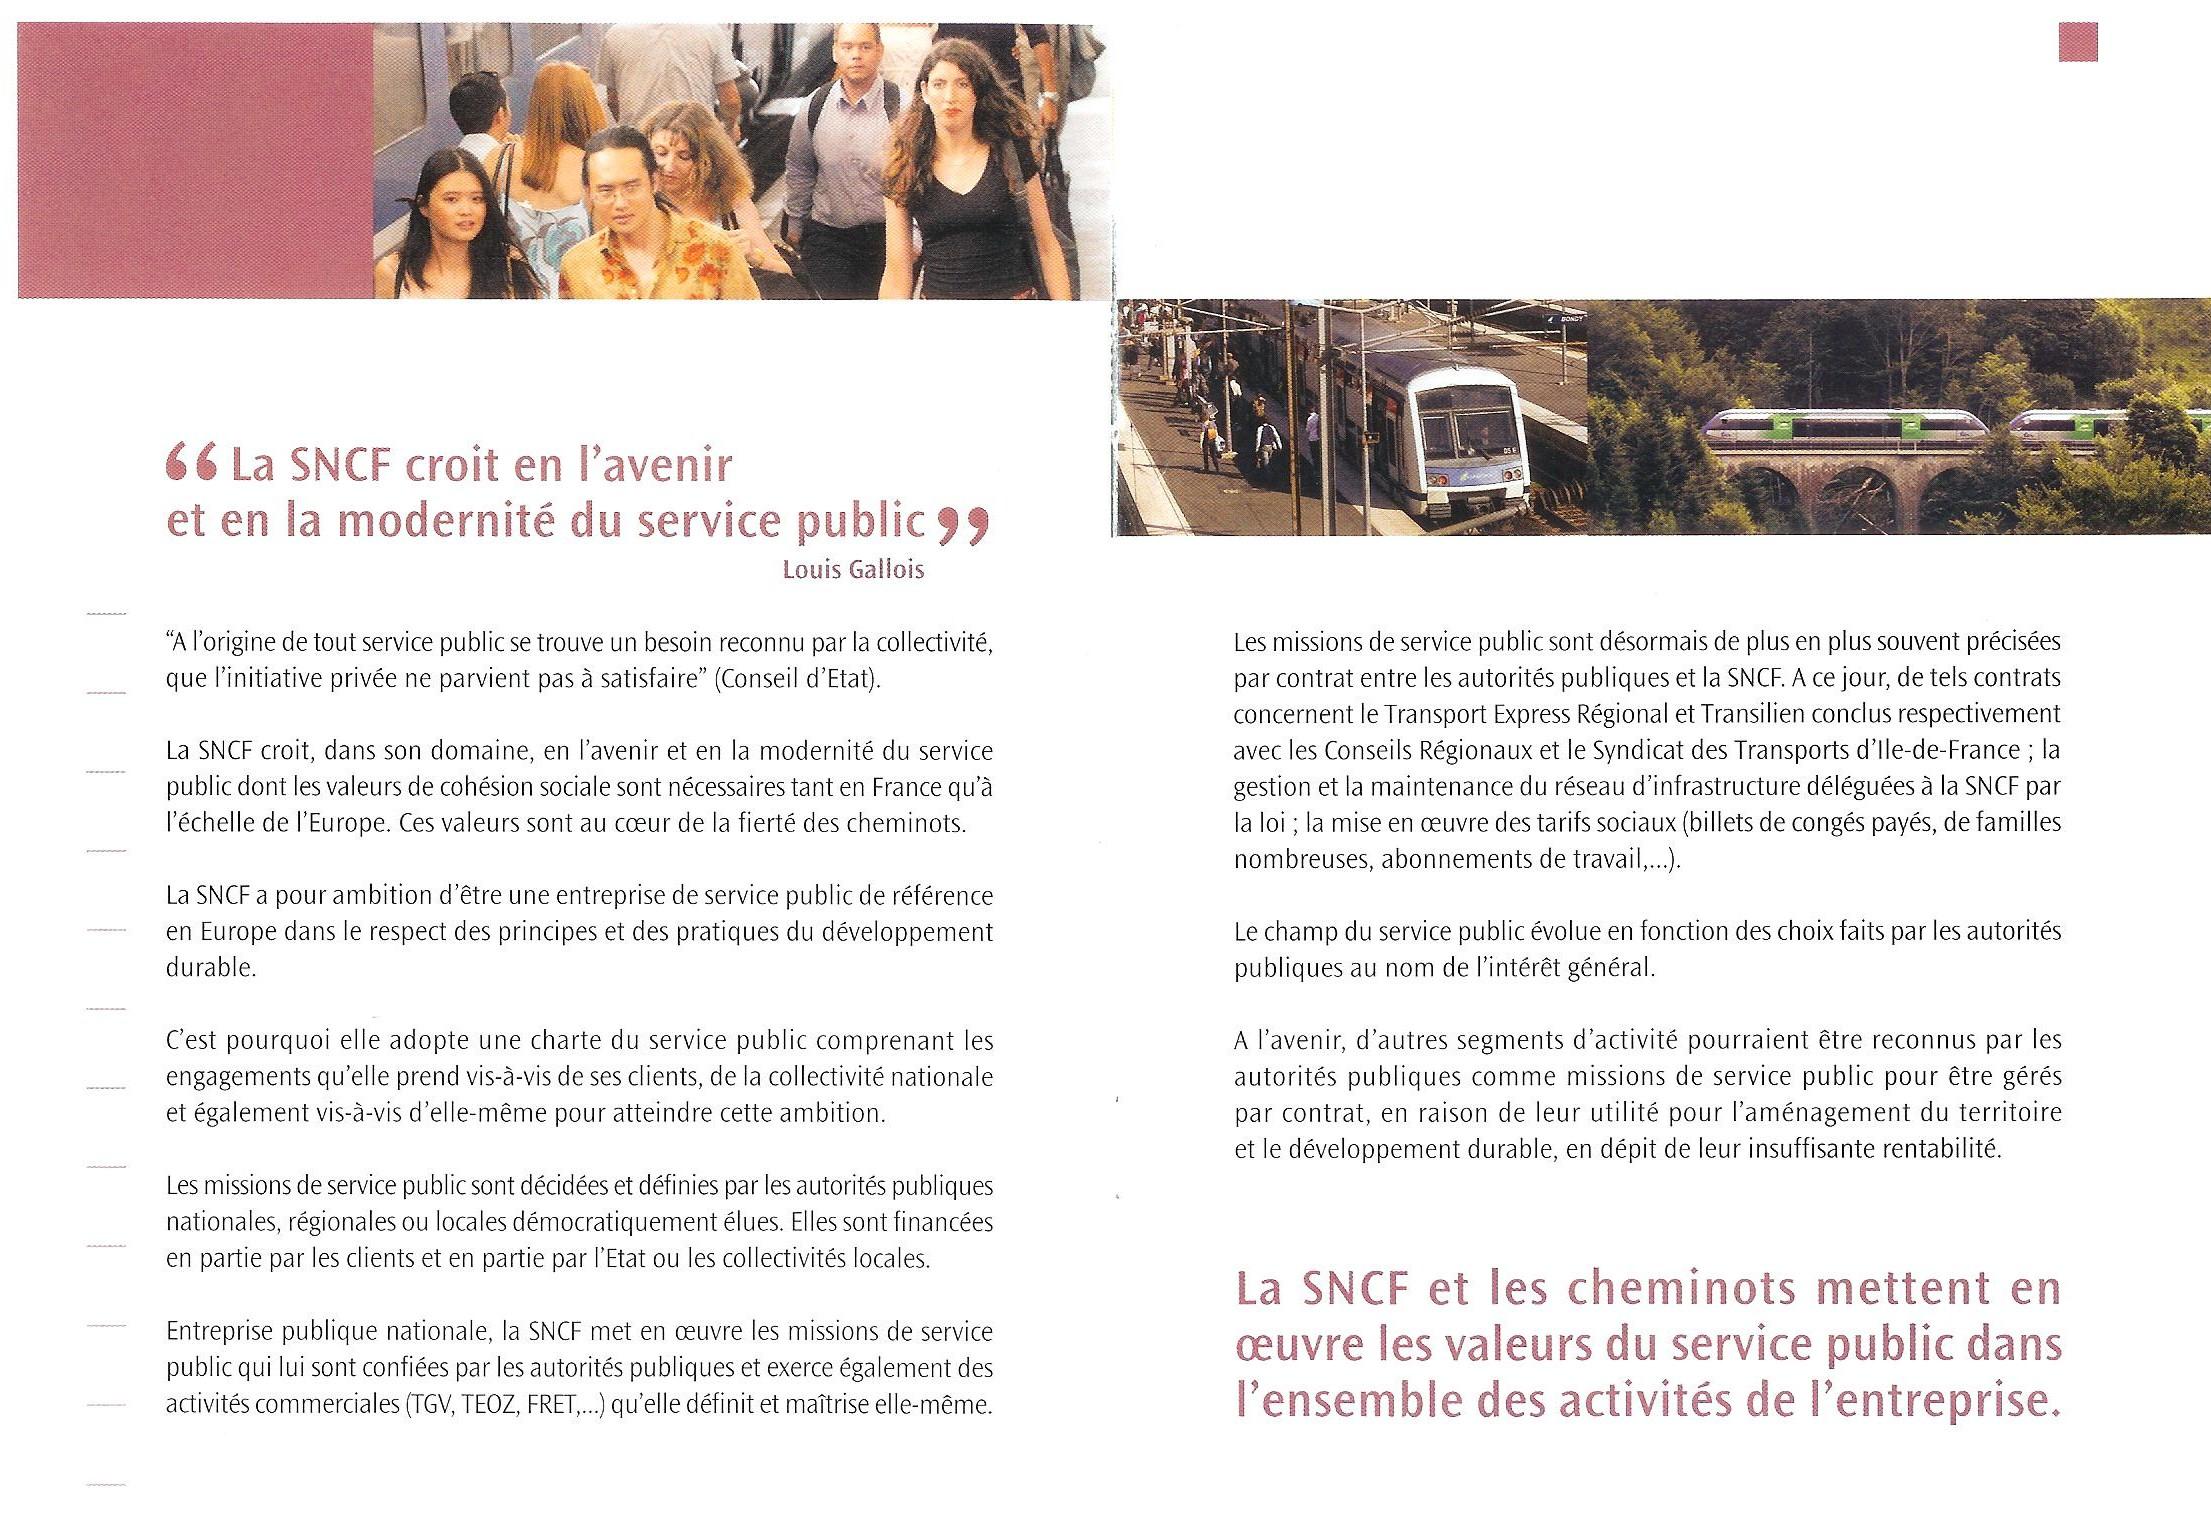 charte-du-service-public-sncf-2-3-2004-101